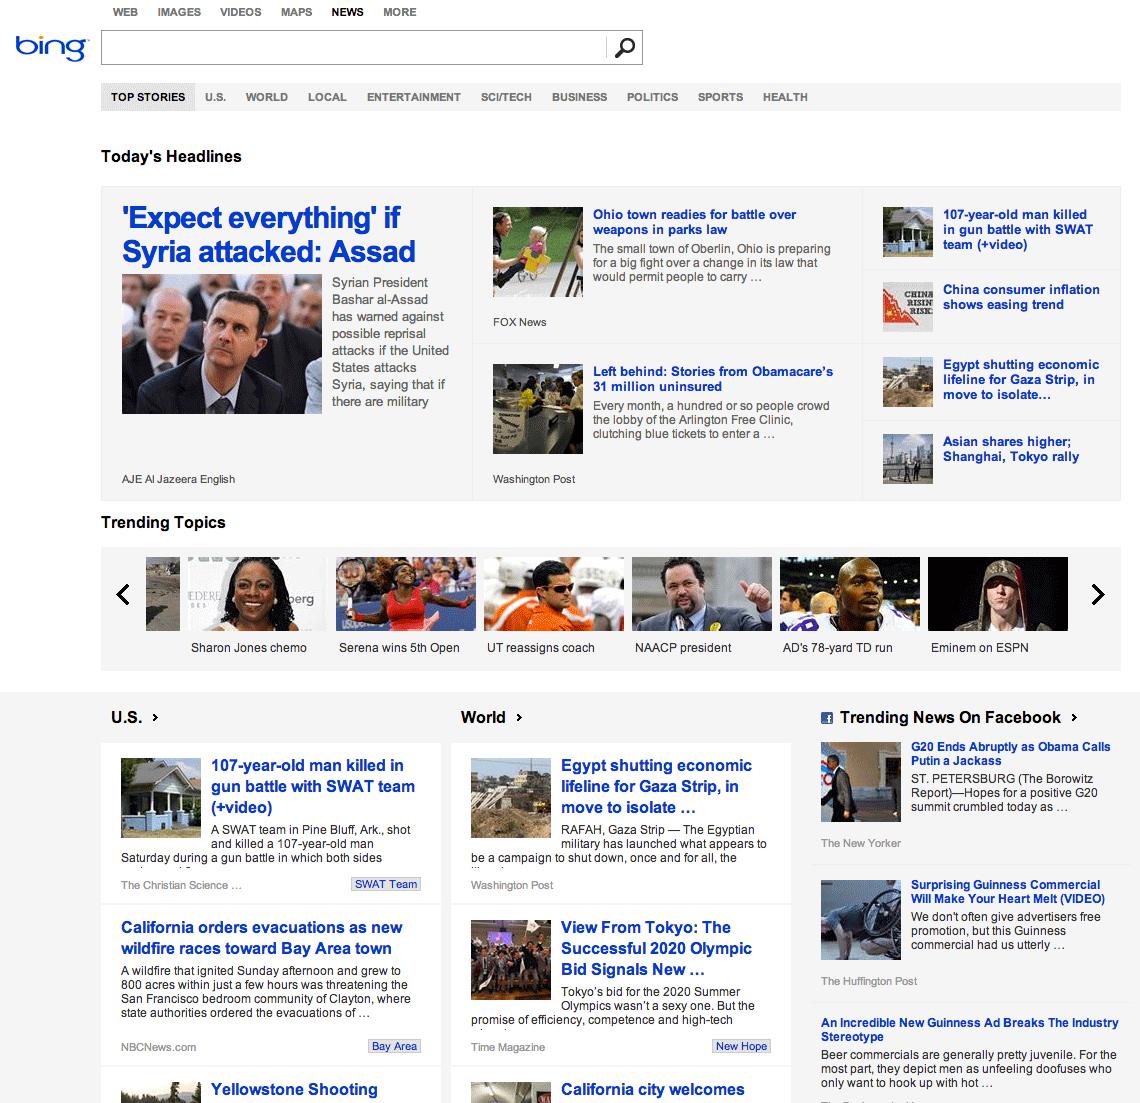 Bing News Ov... Bing News